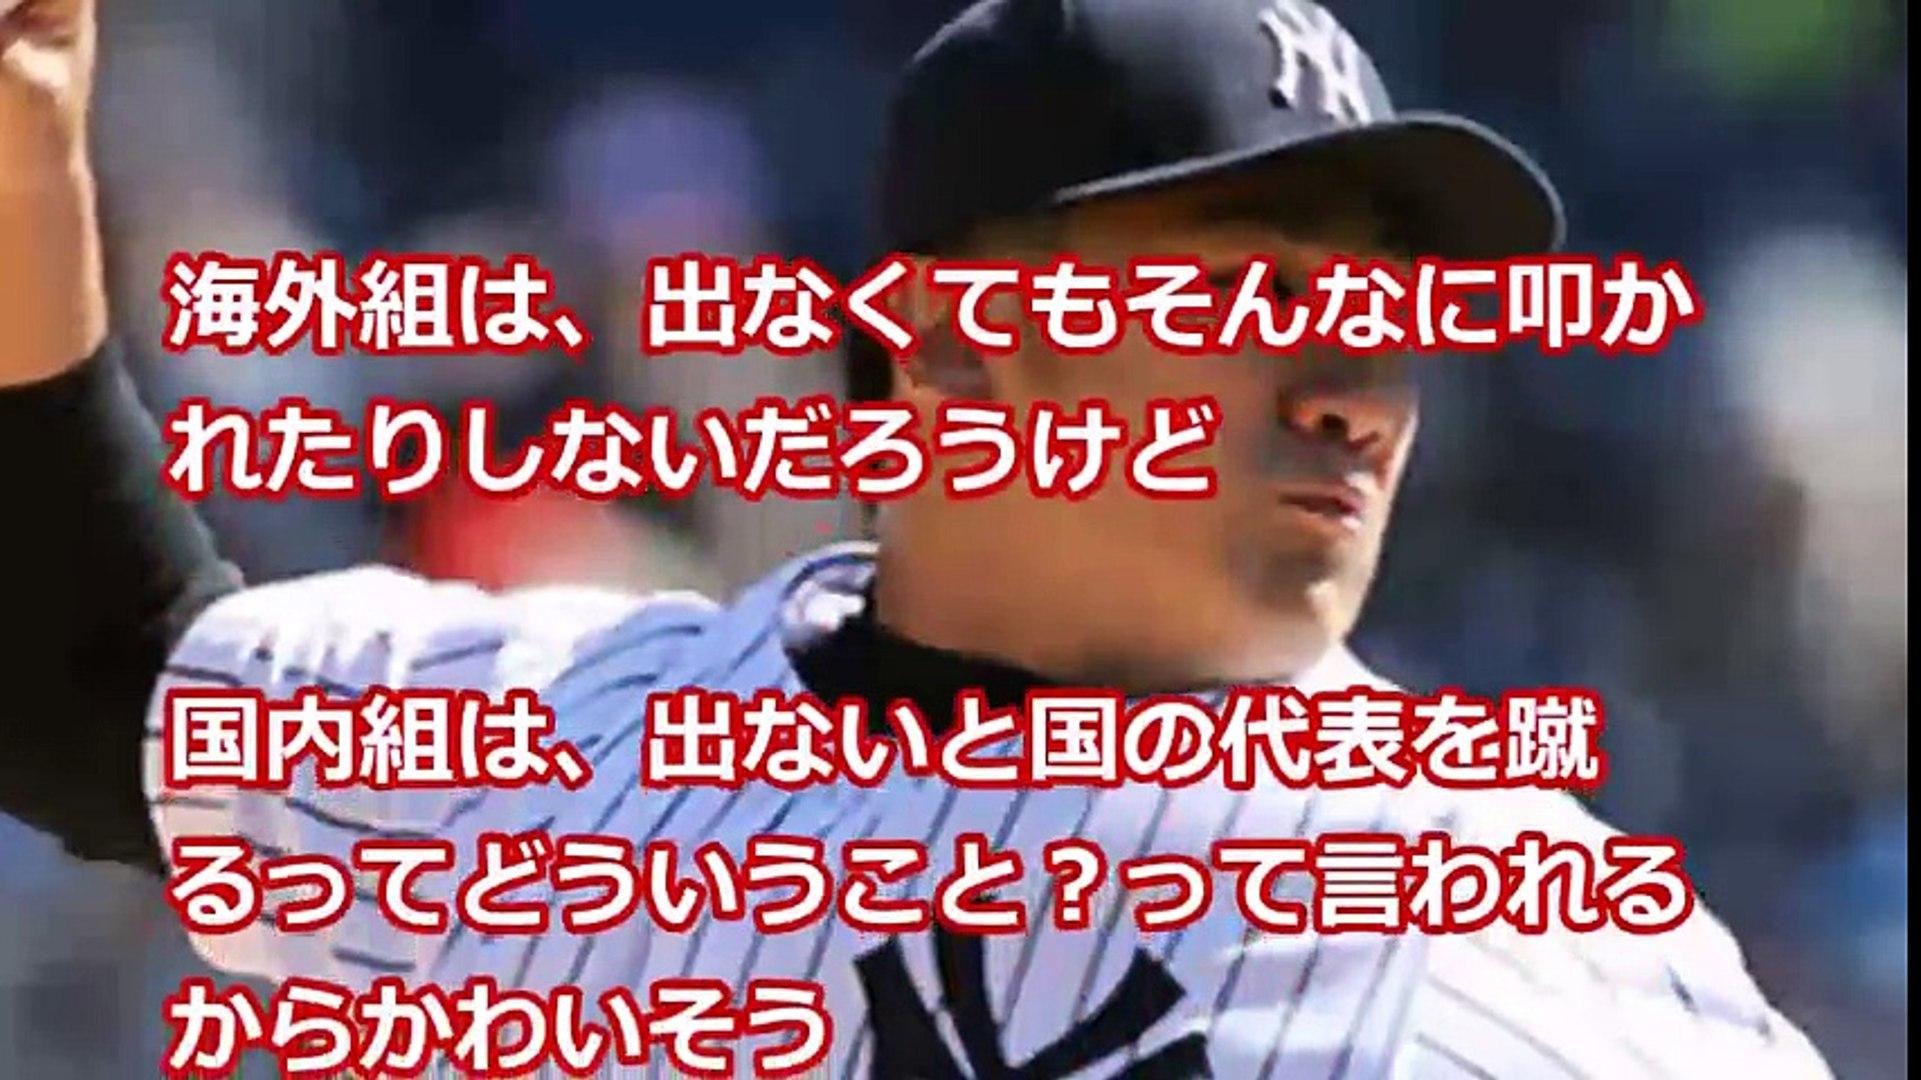 田中将大 WBC不参加表明した結果 小久保監督がたたかれるw  【プロ野球 裏話】速報と裏話 プロ野球&MLB